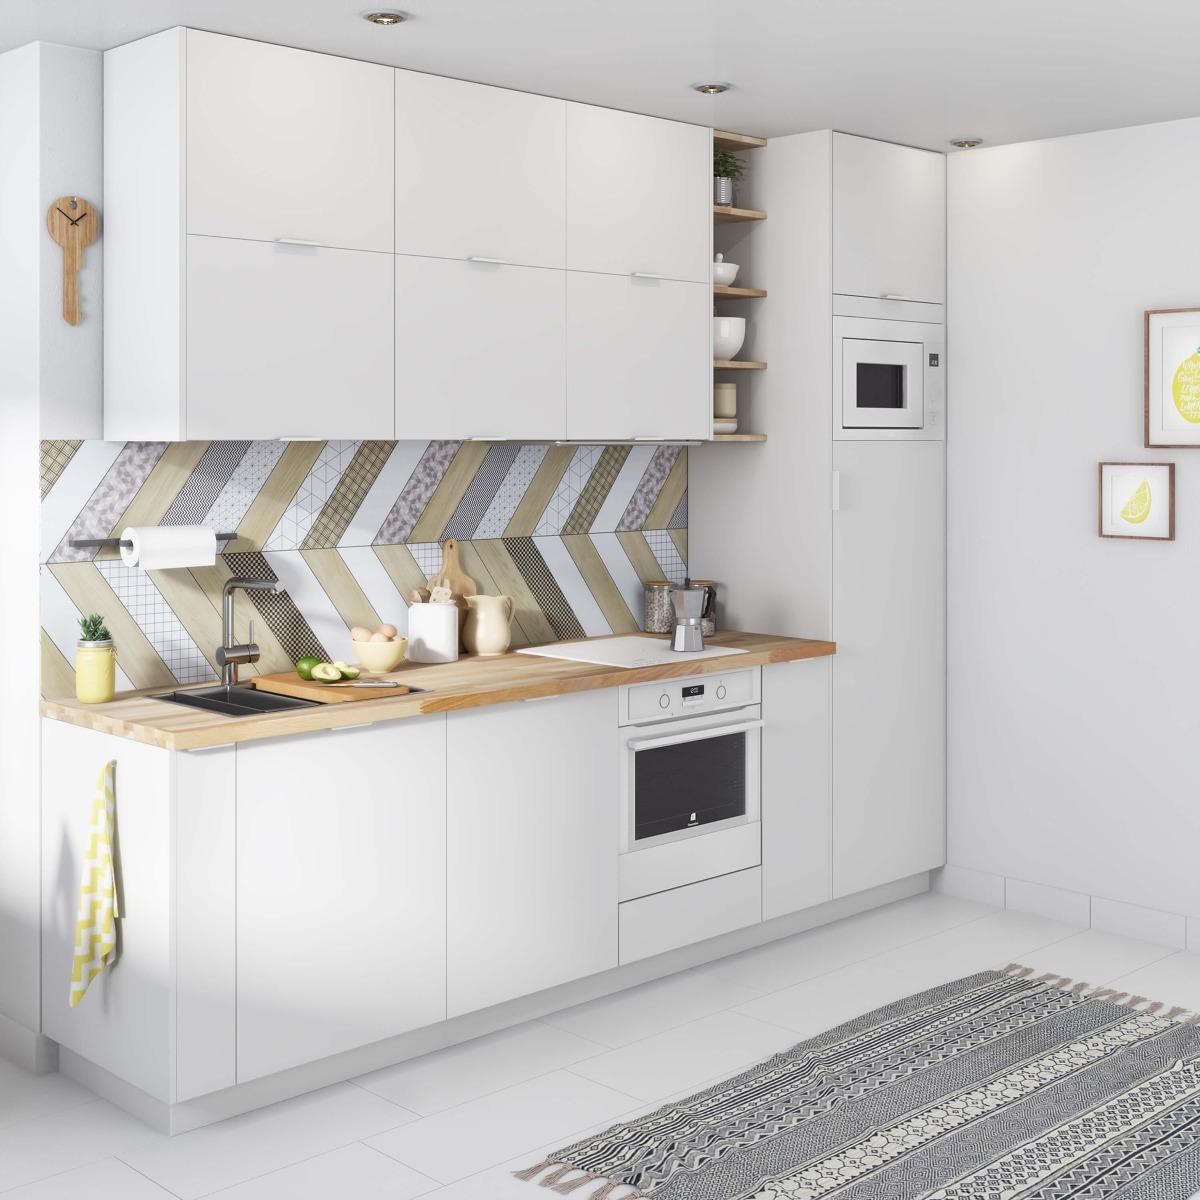 Delinia Tokyo White Designer Kitchen Mobi - Example 2